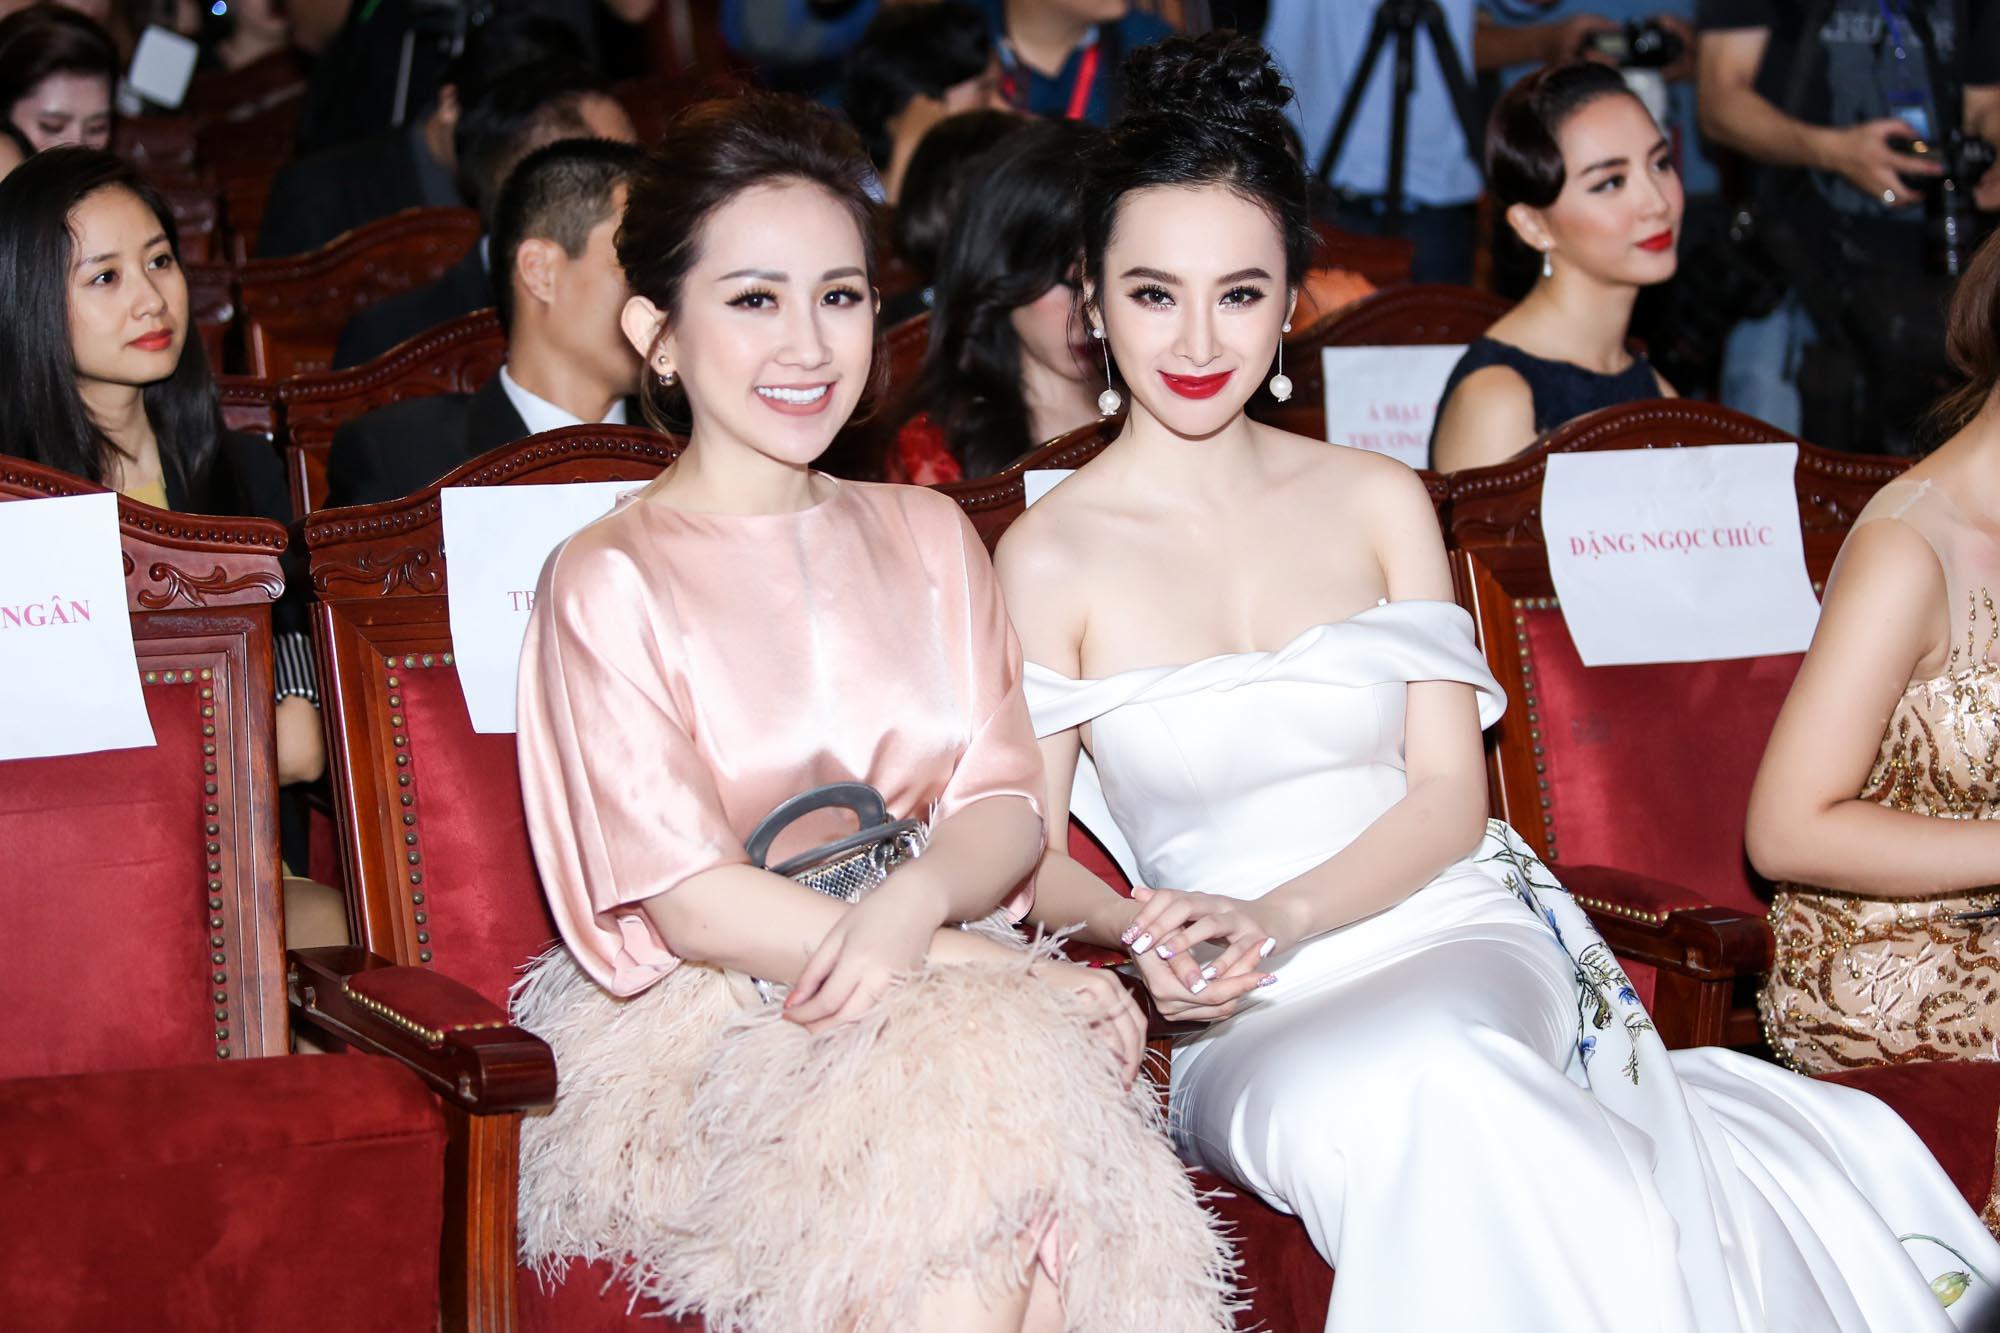 Fashionista Trâm Nguyễn - elle việt nam 7